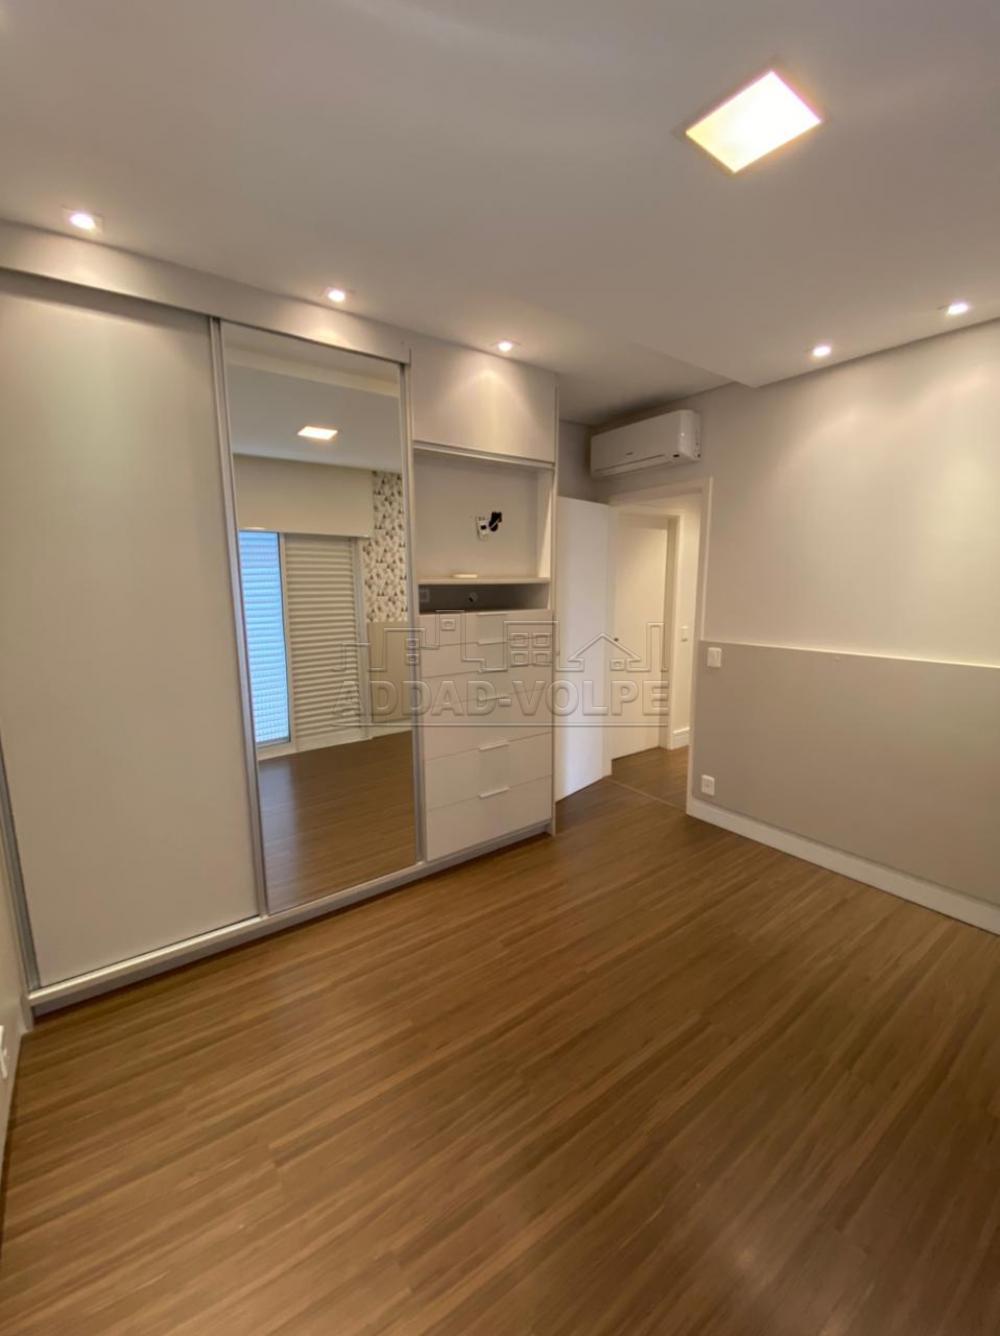 Alugar Casa / Padrão em Bauru R$ 3.500,00 - Foto 32